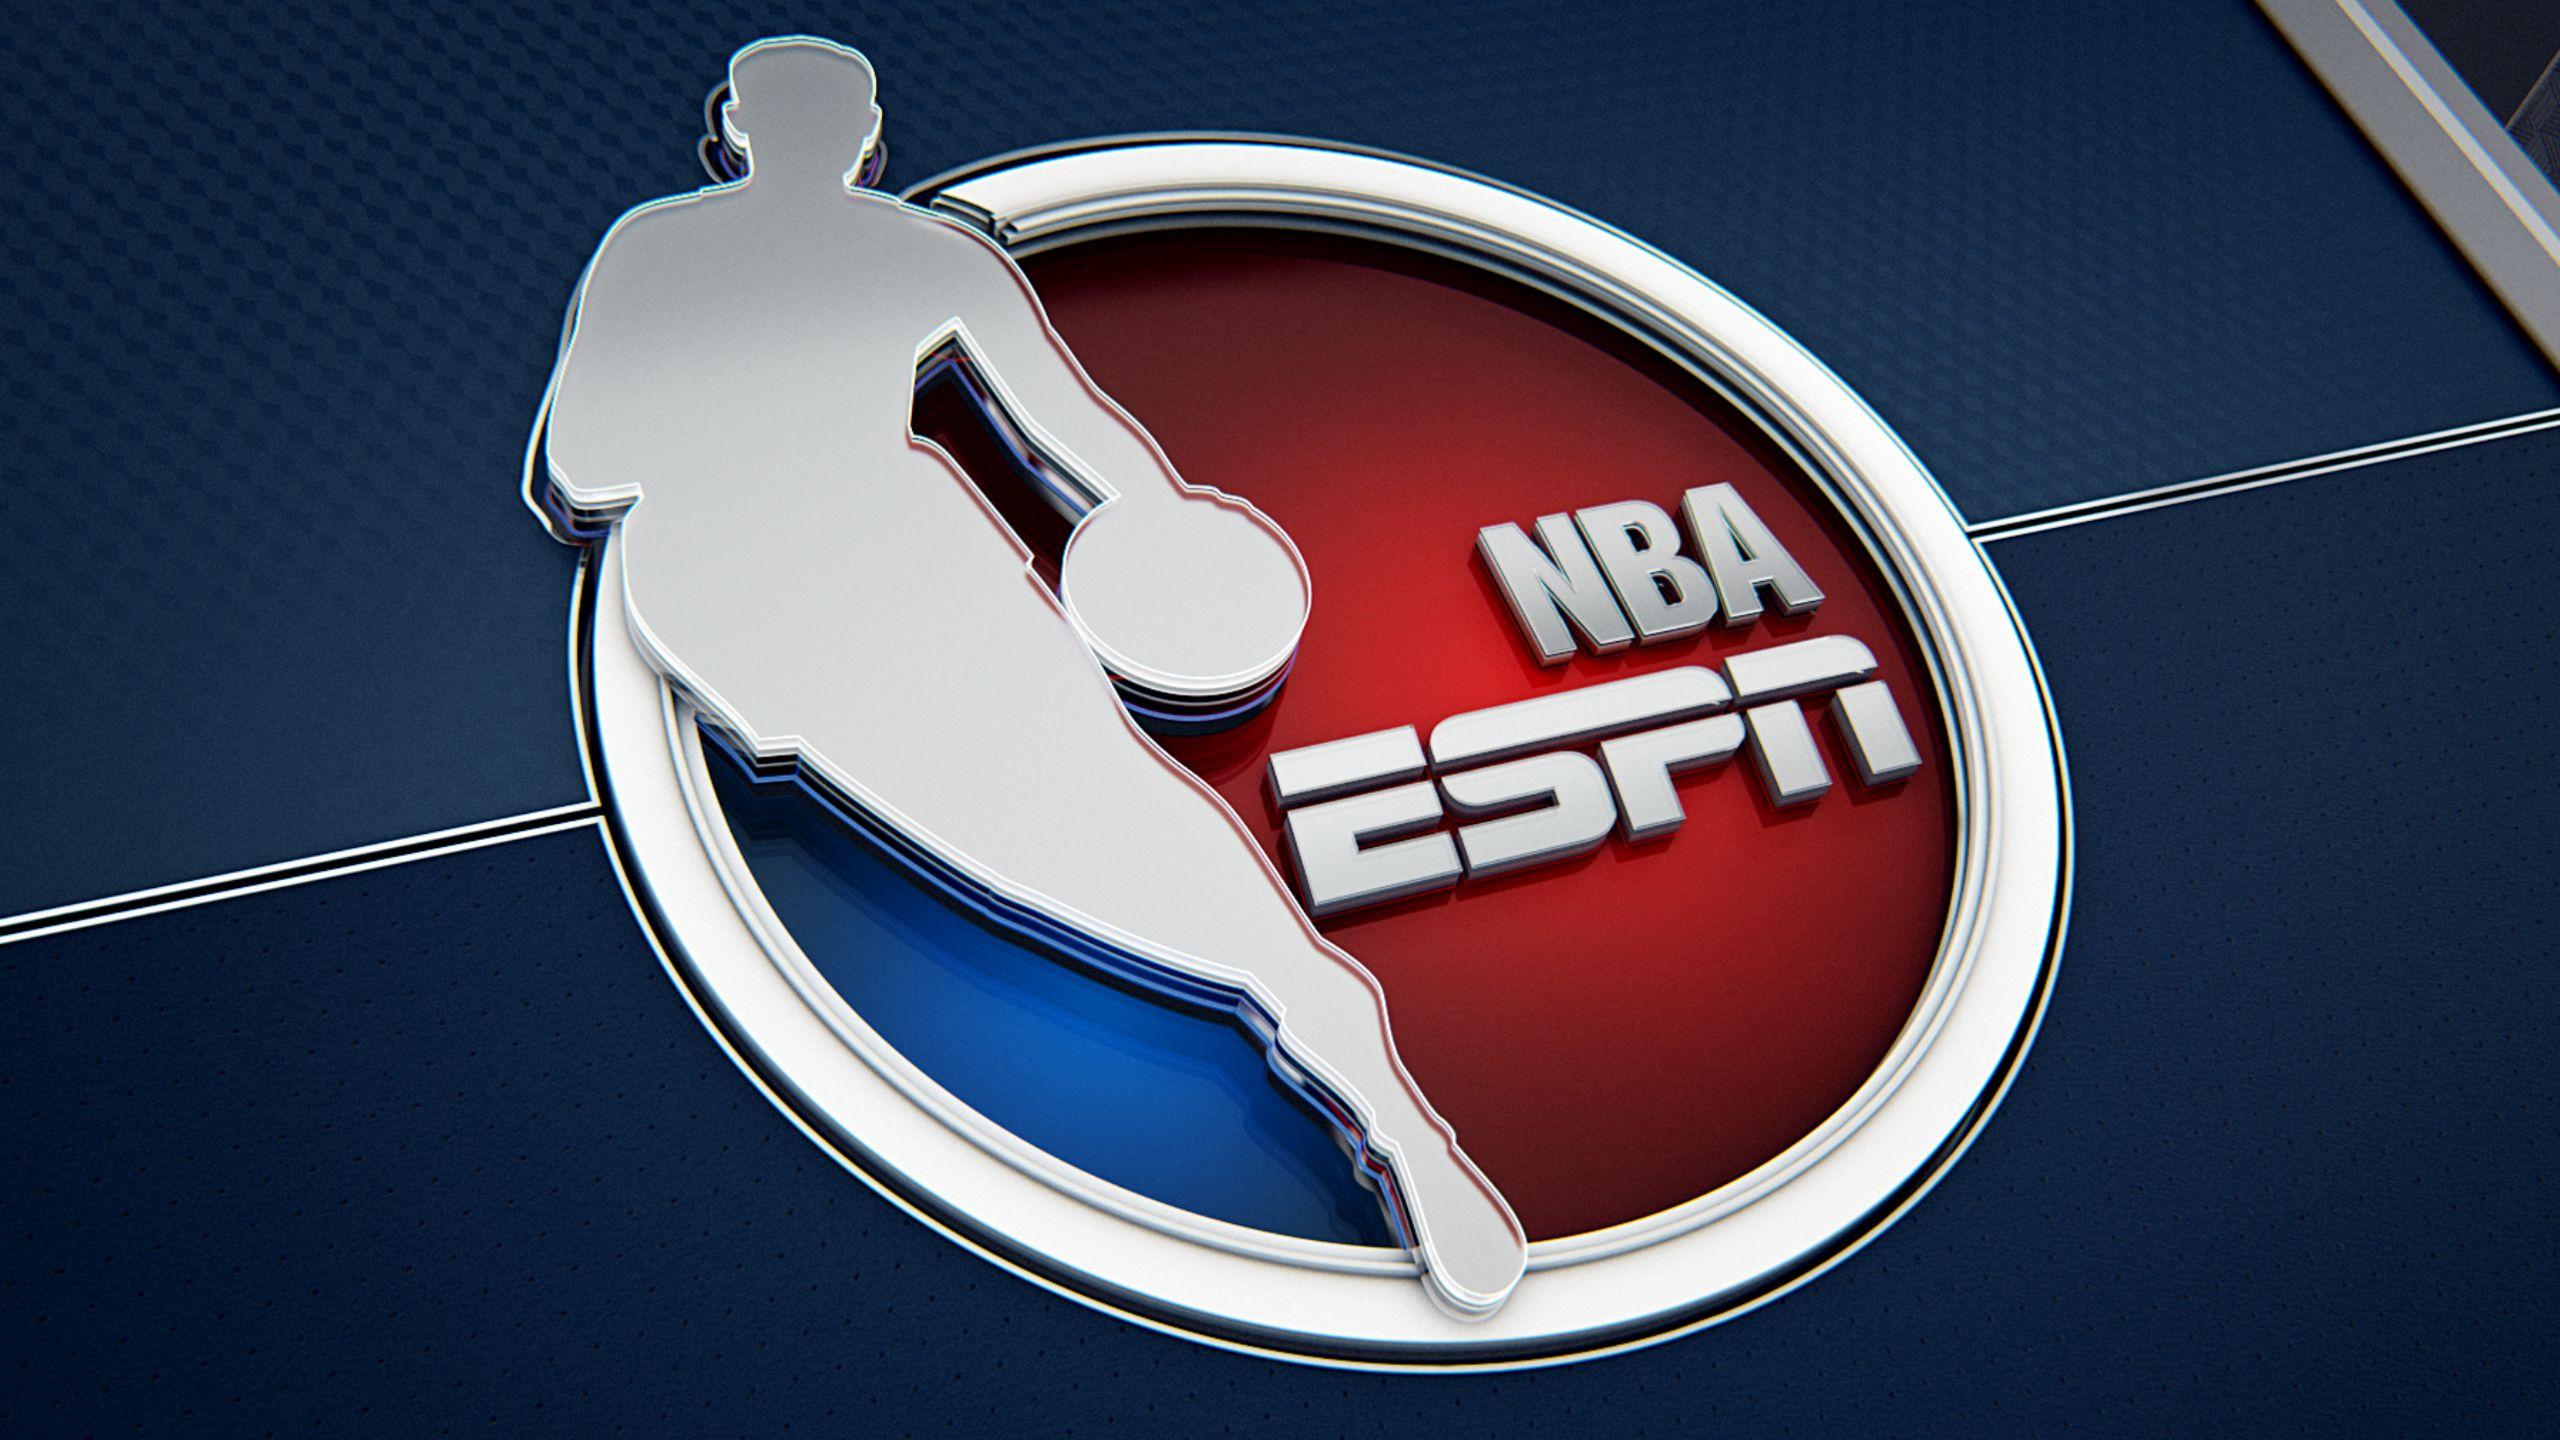 Philadelphia 76ers vs. New York Knicks